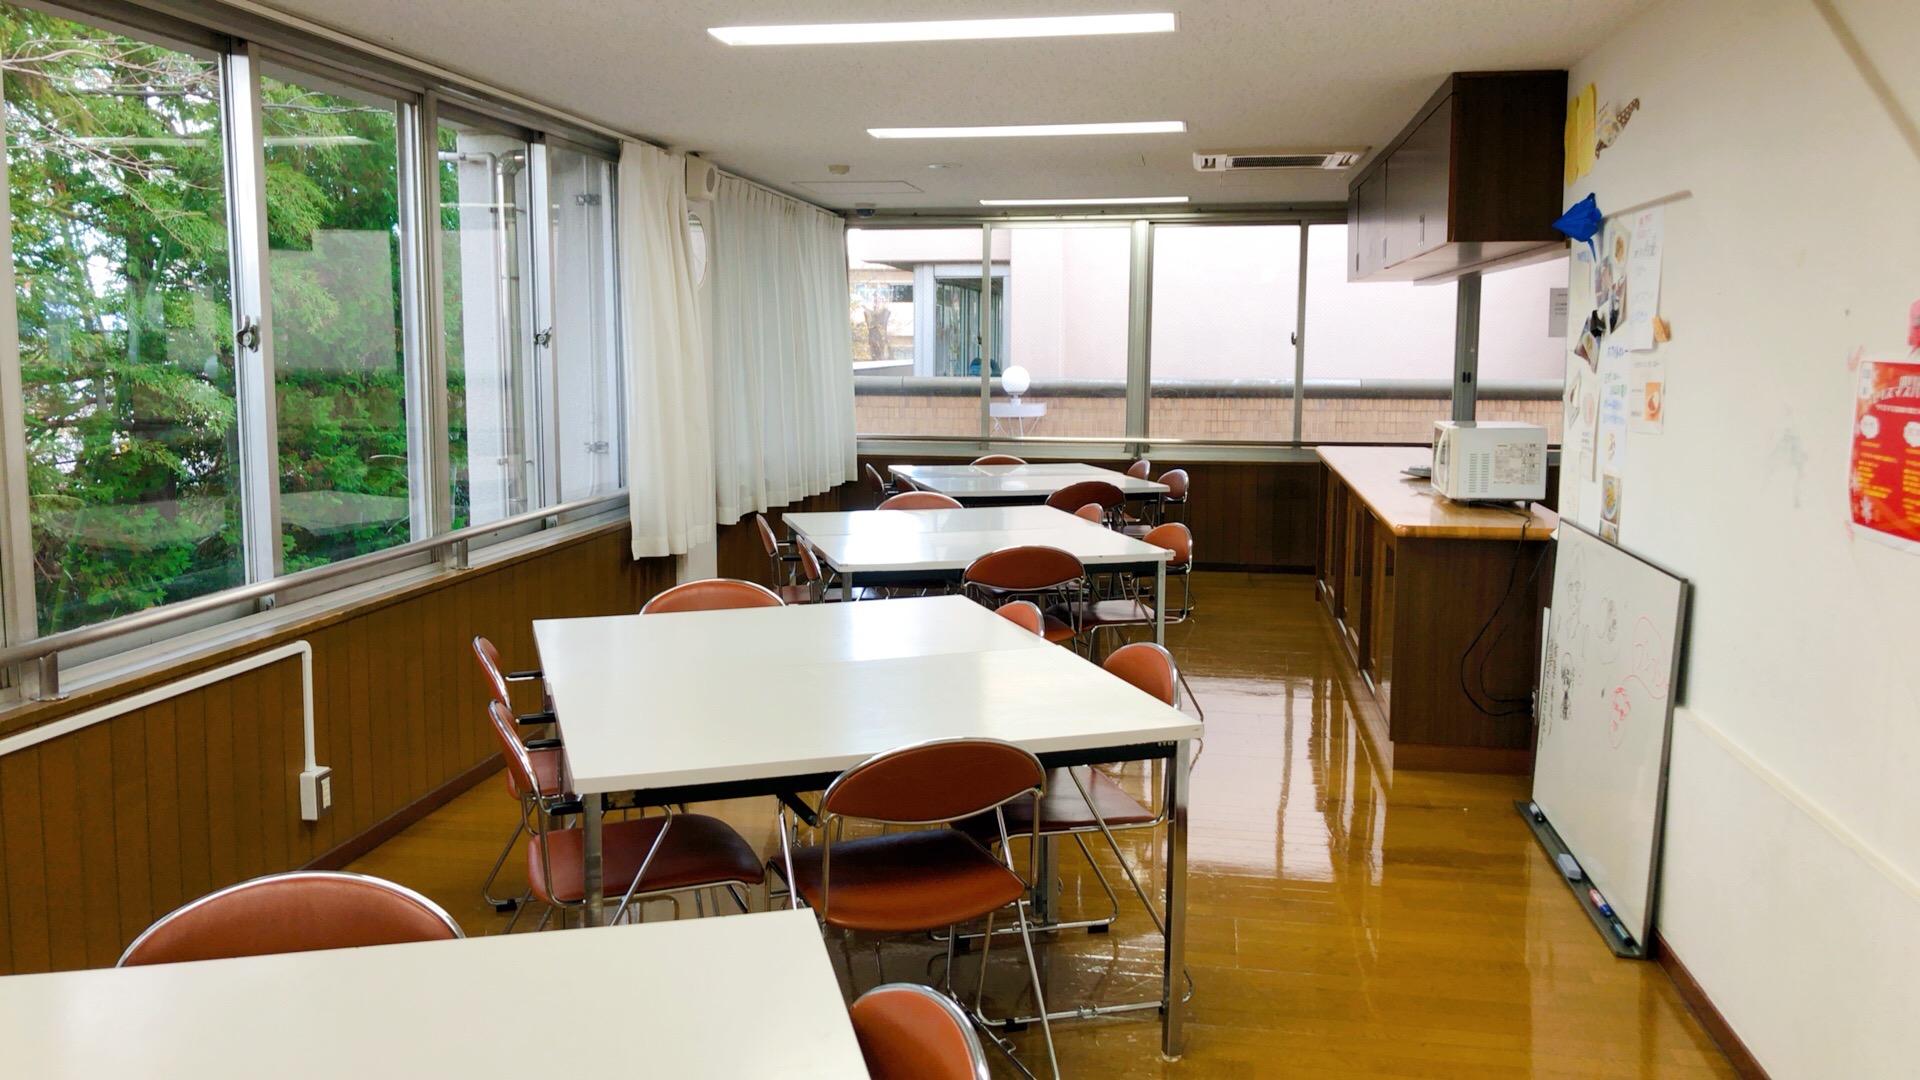 野毛青少年交流センターの食堂